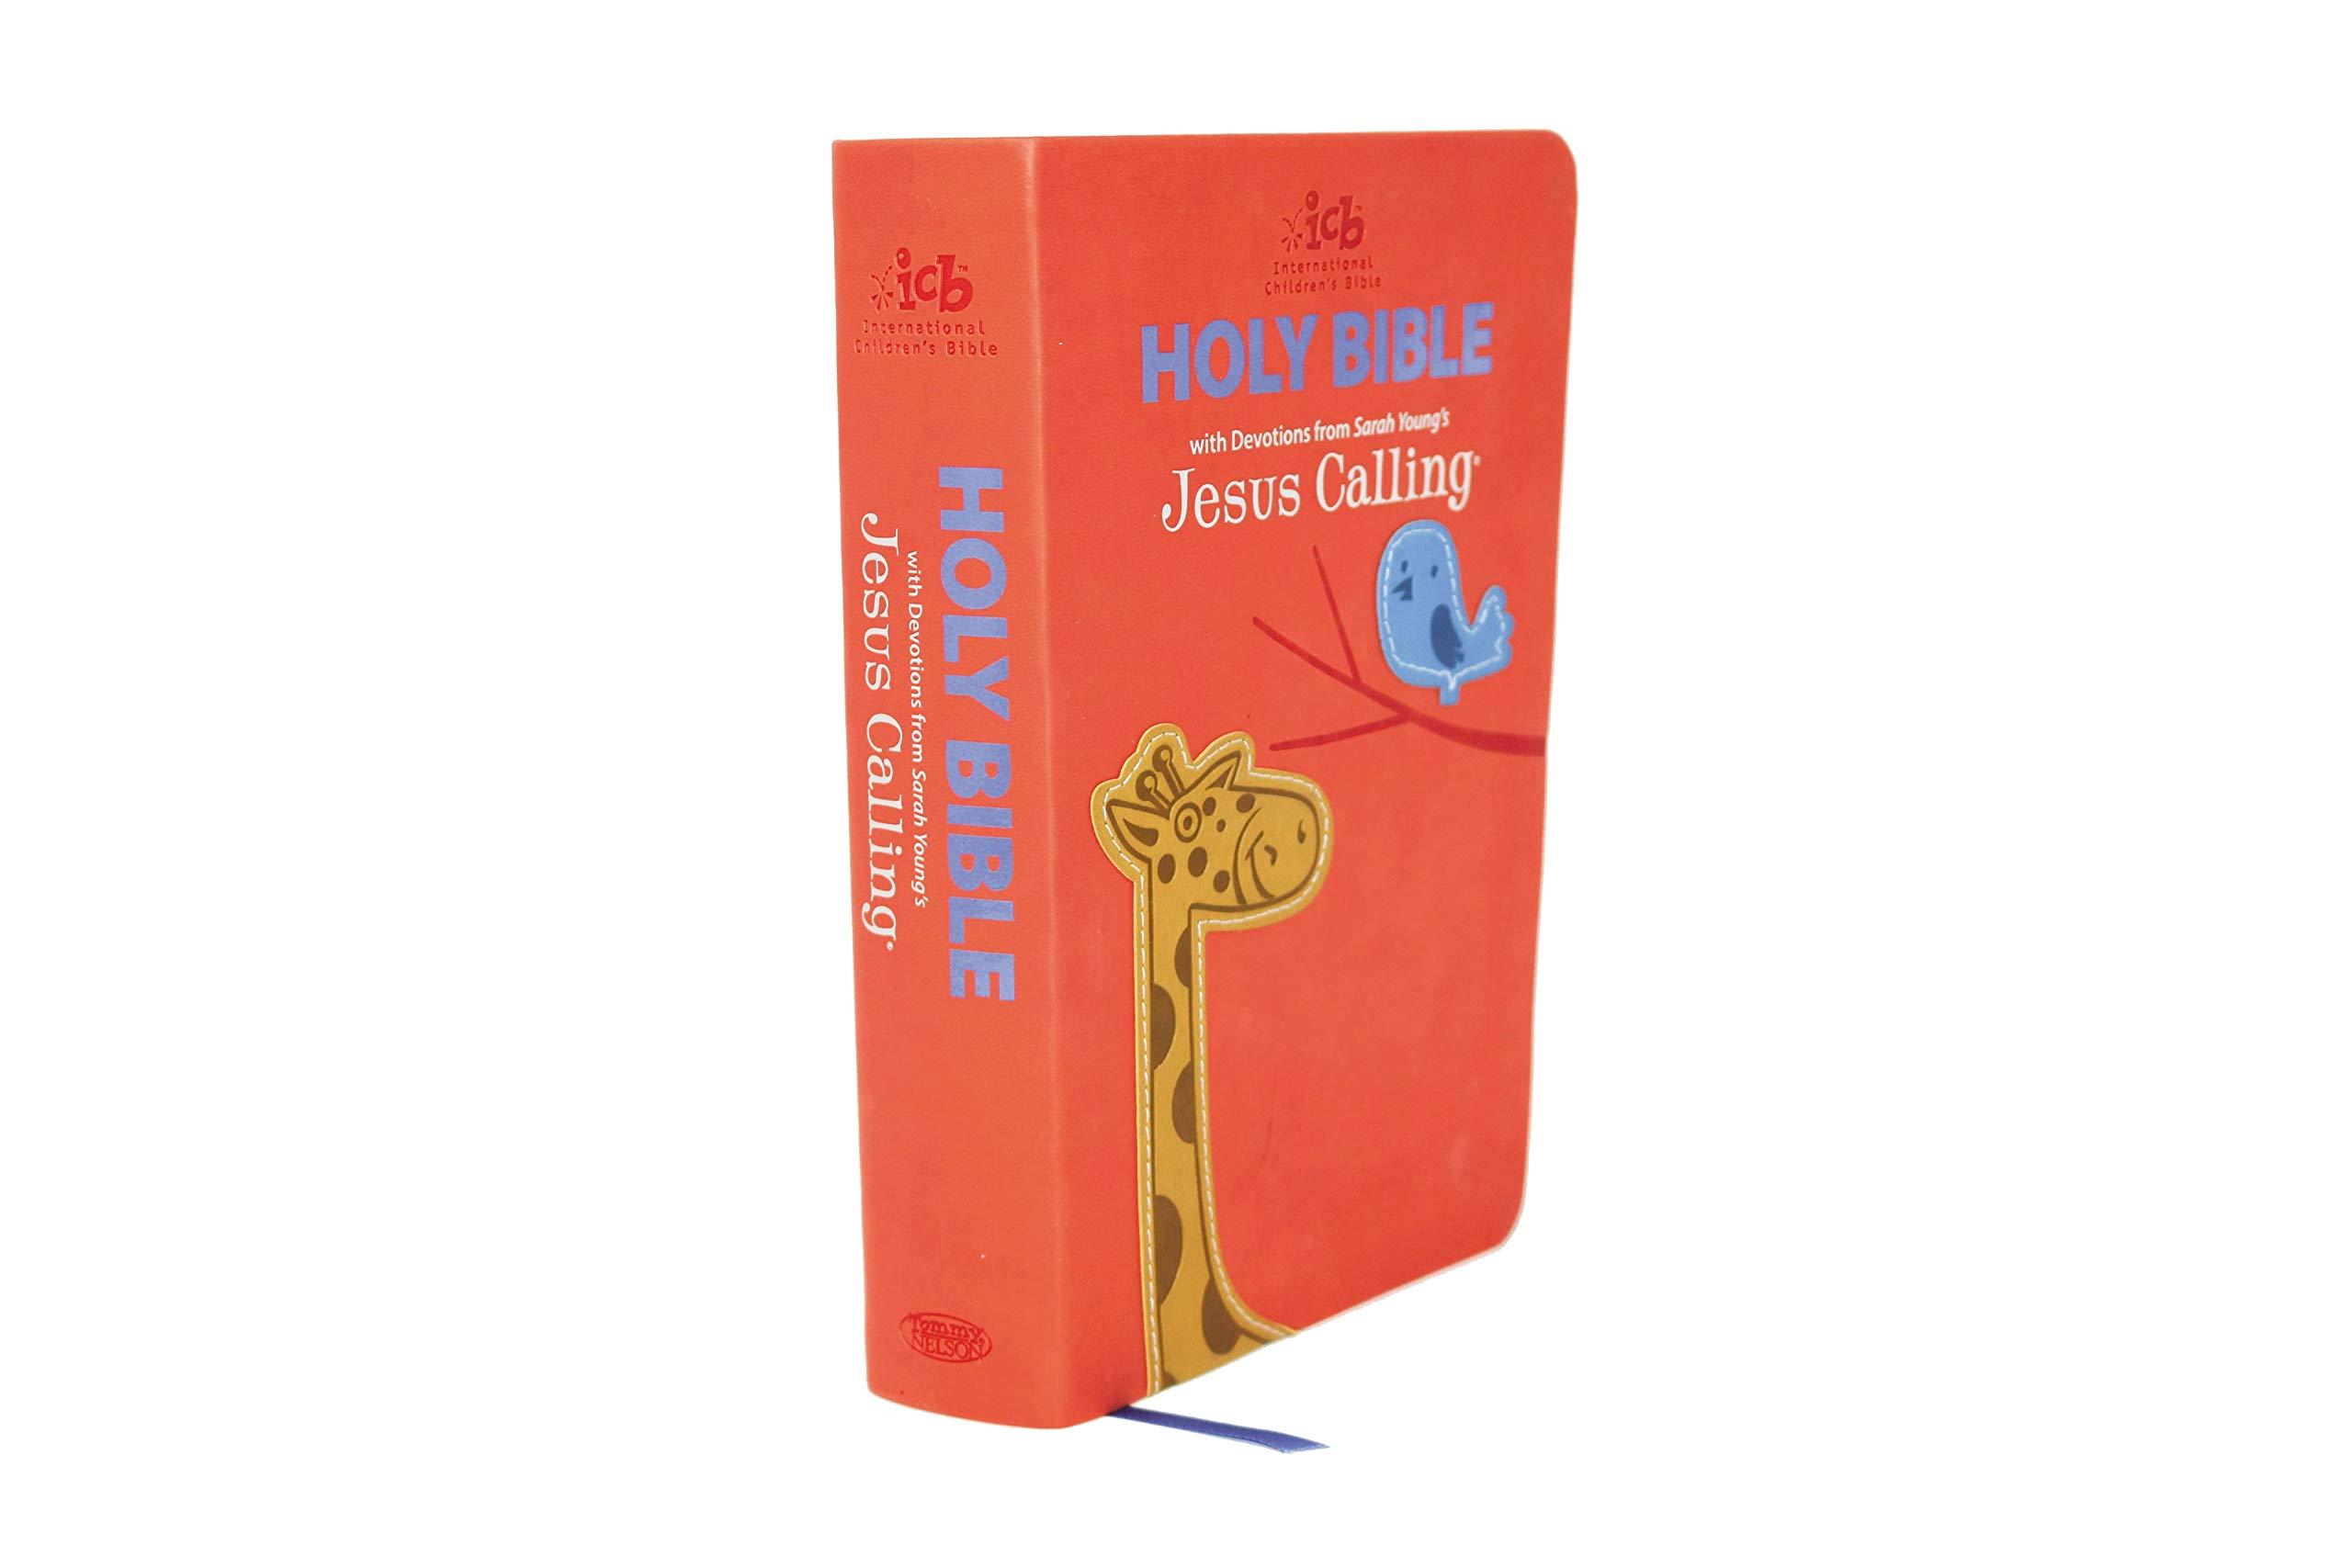 Jesus Calling ICB Holy Bible